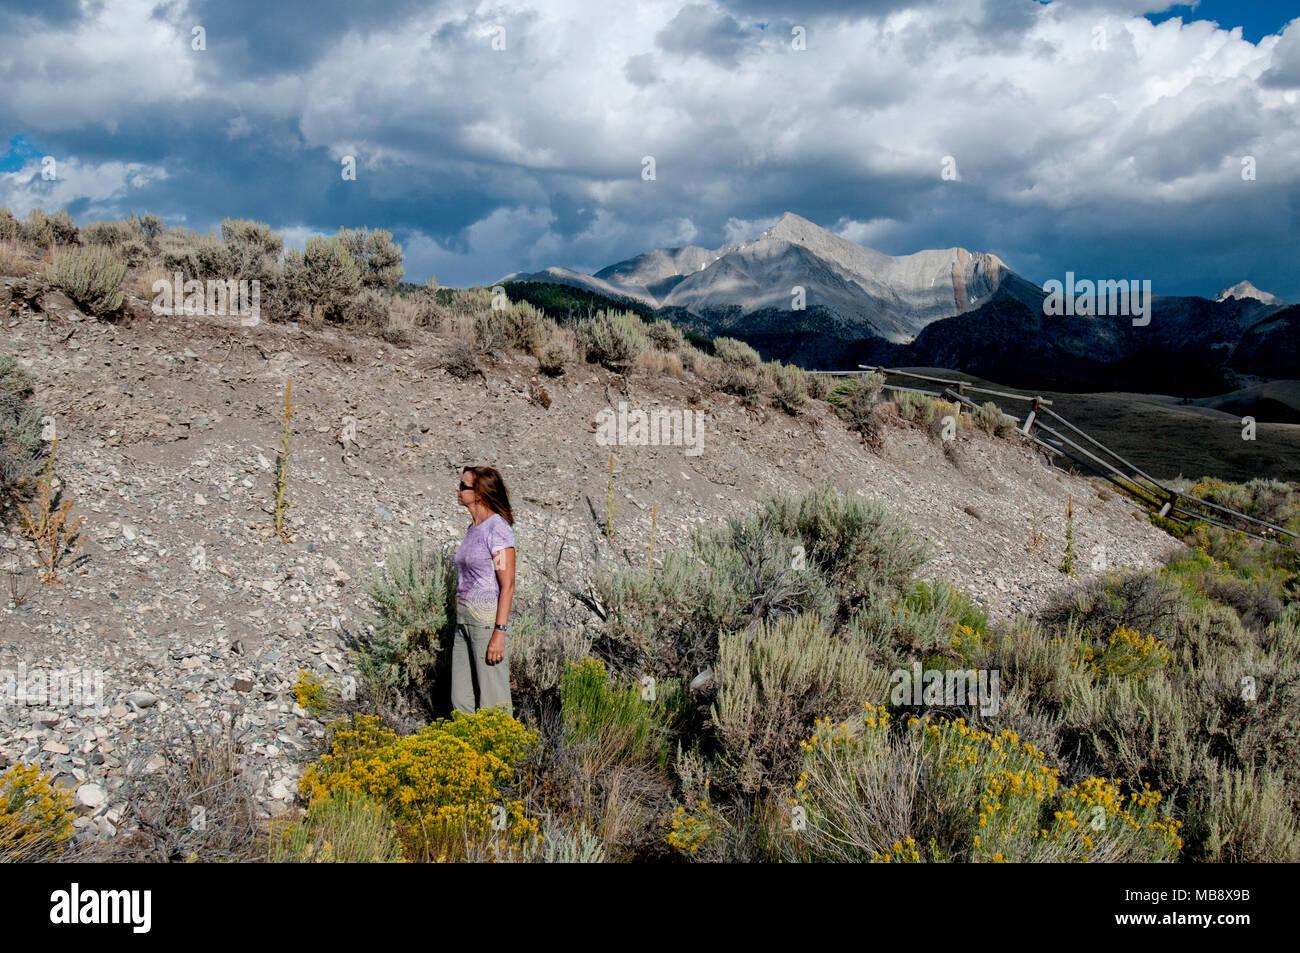 Monte Borah 21 milla-larga escarpa terremoto con el Monte Borah en el fondo (MR) Imagen De Stock